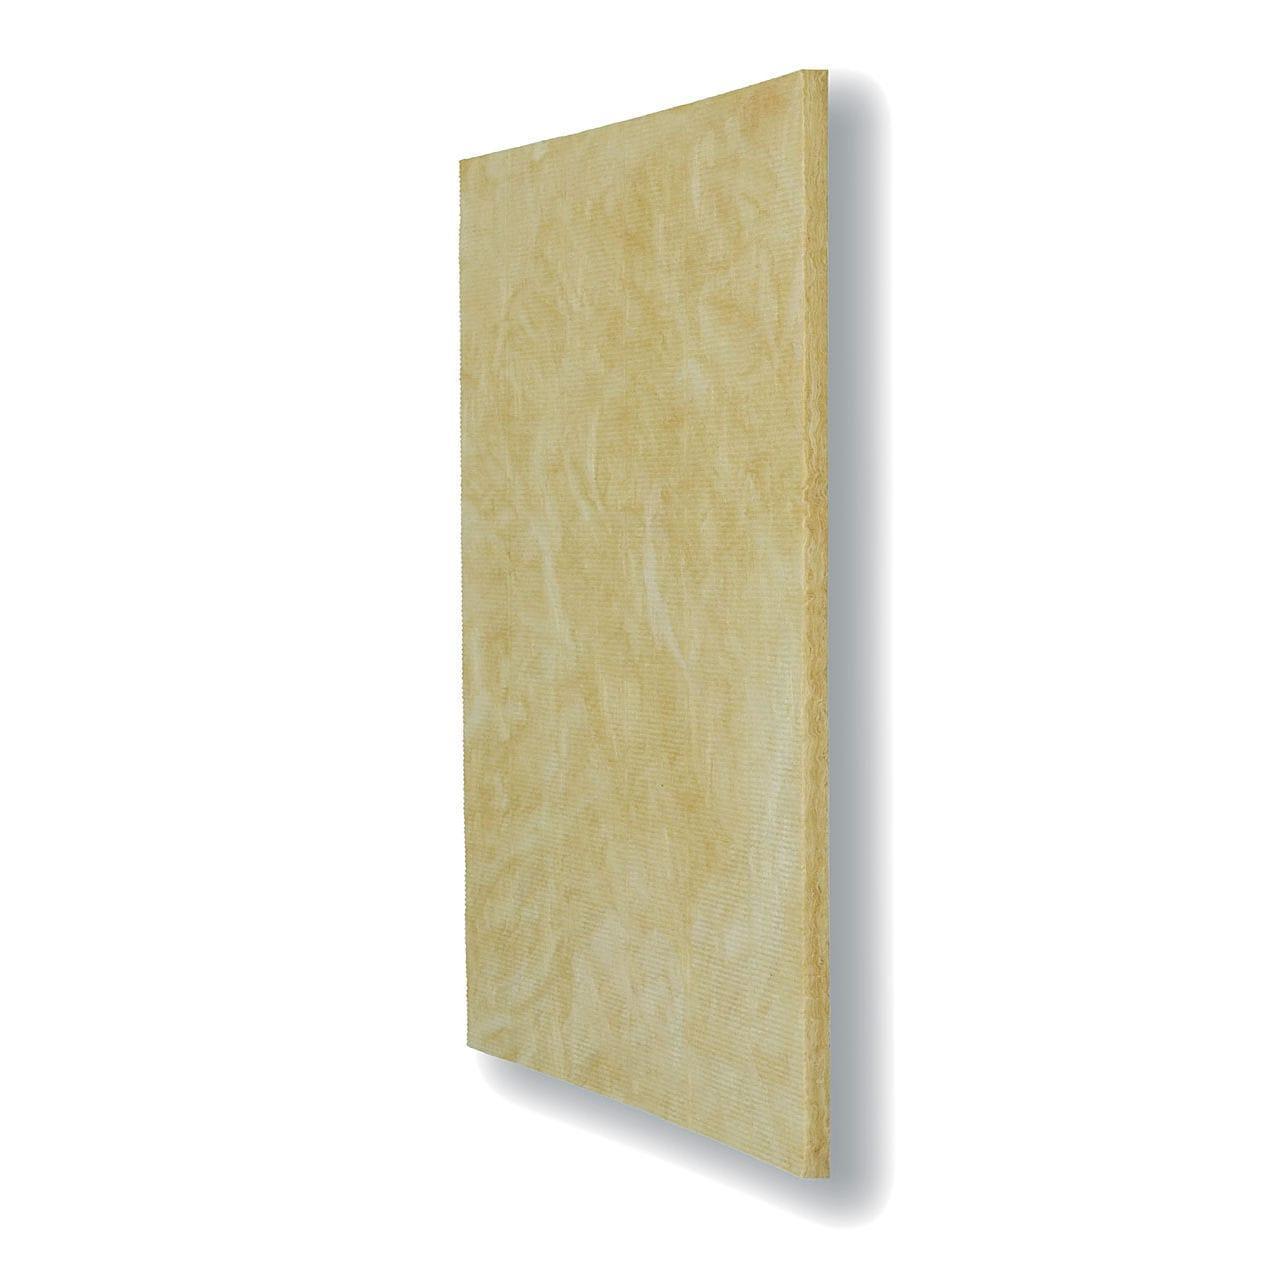 Pannelli Fibra Di Legno isolante acustico - ekosol n - bituver - in fibra di legno